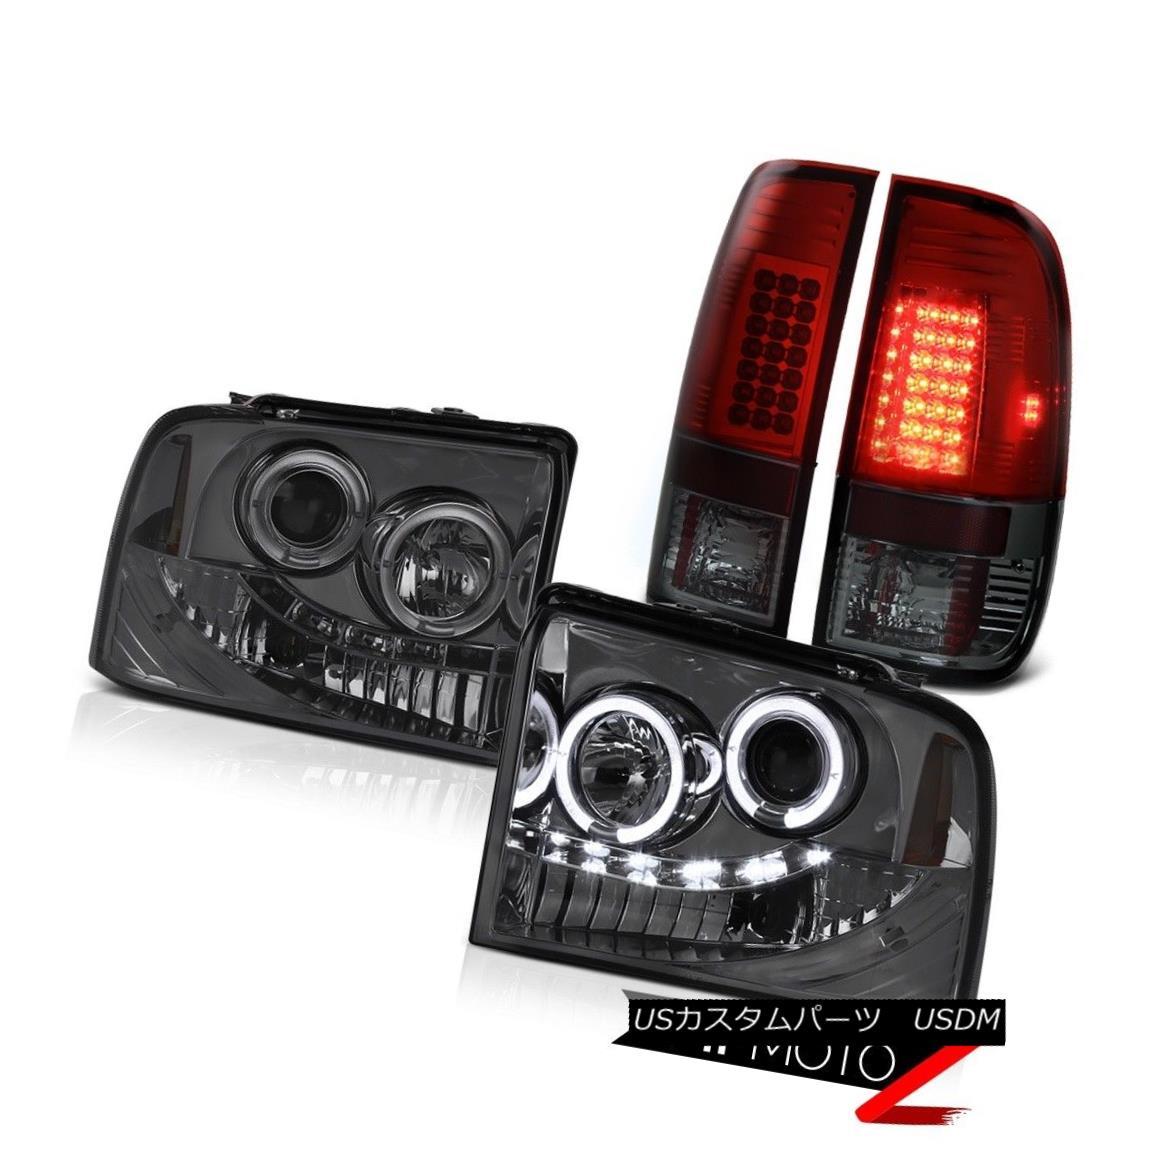 テールライト LED Projector Headlight Smoke Cherry Red Tail Light Ford F350 XLT 2005 2006 2007 LEDプロジェクターヘッドライトスモークチェリーレッドテールライトフォードF350 XLT 2005 2006 2007